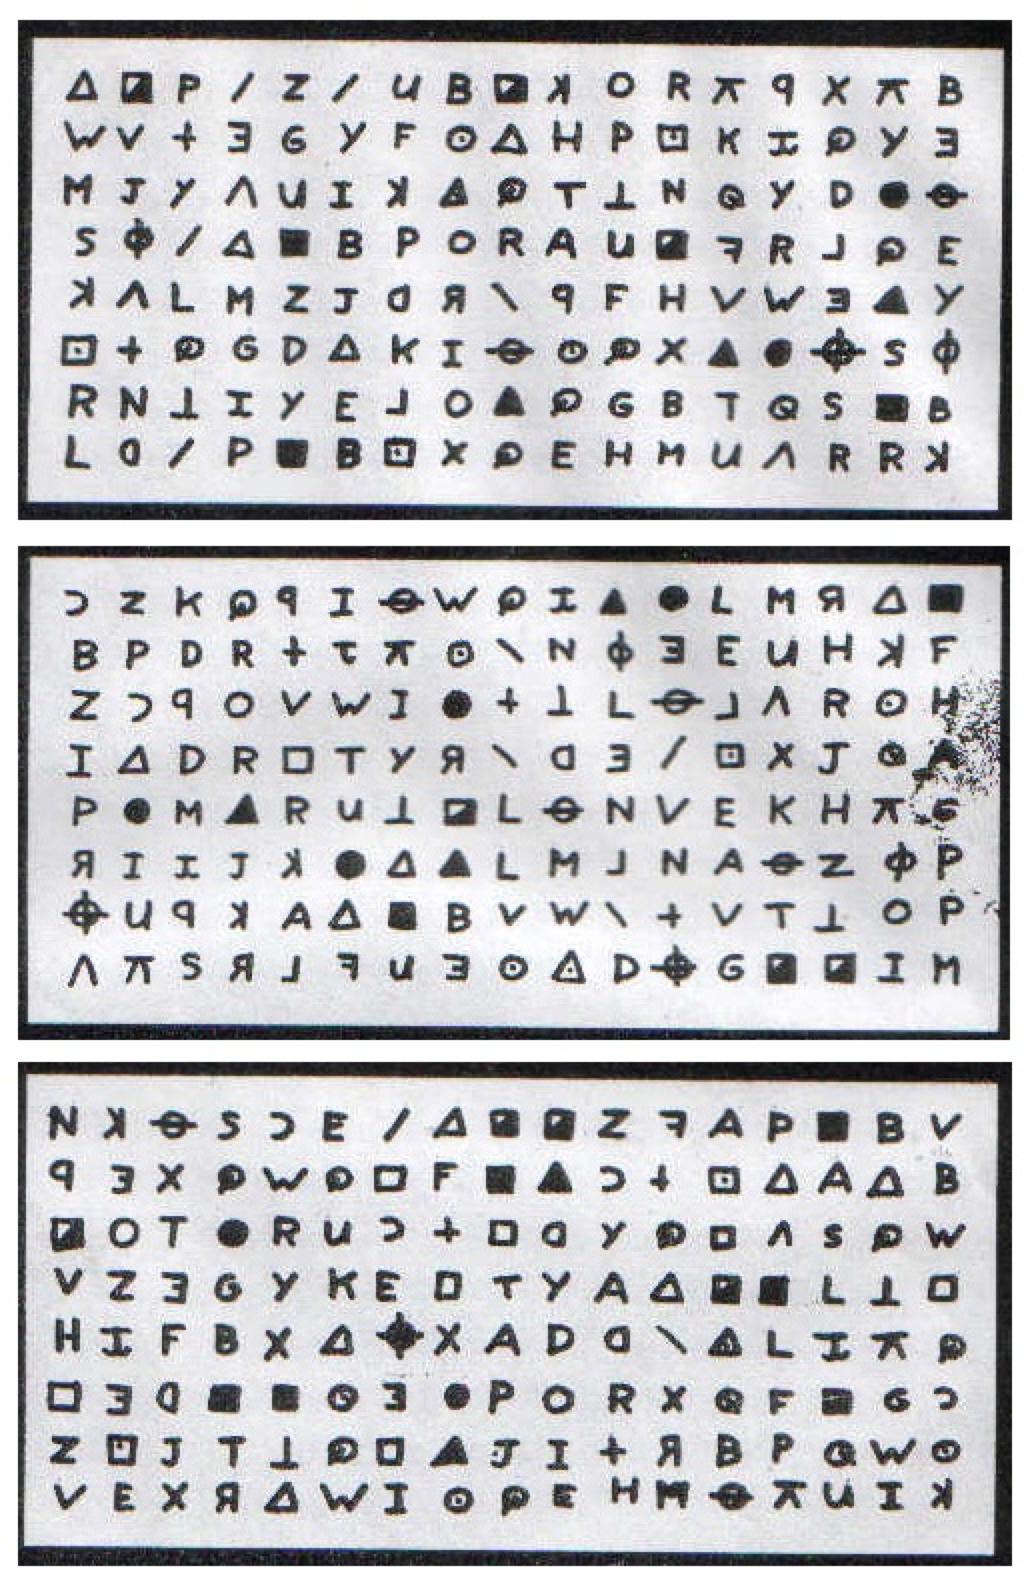 408-символьный шифр Зодиака